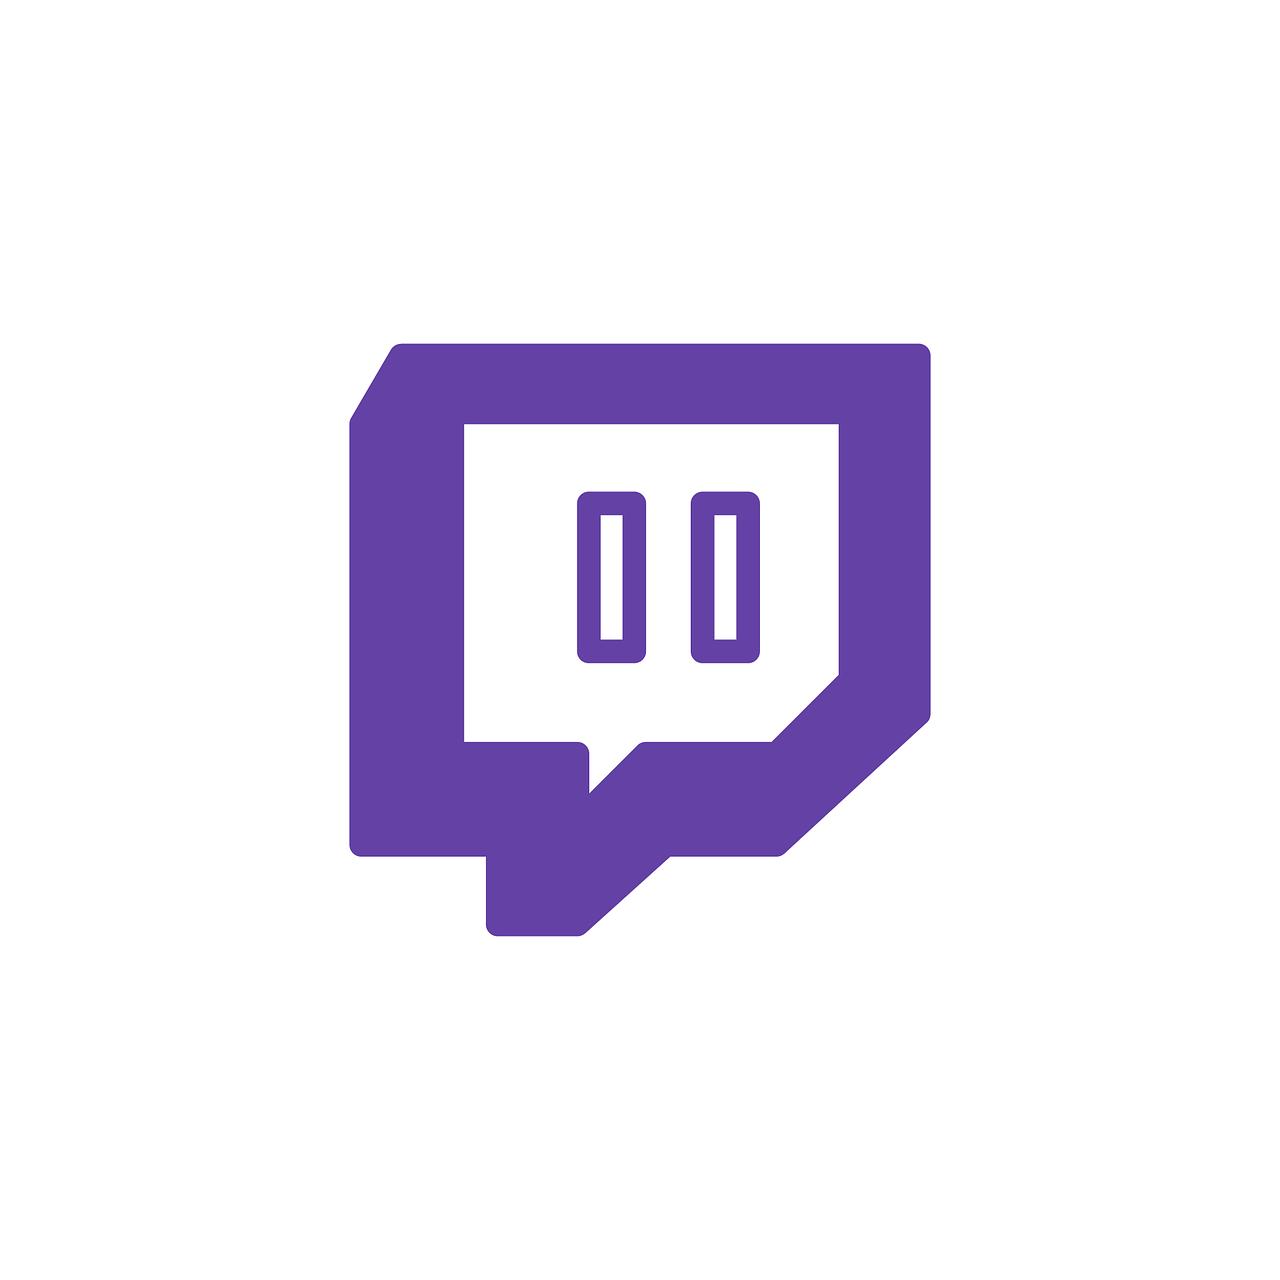 Artistes, découvrez le potentiel de Twitch pour gagner en visibilité sur Internet